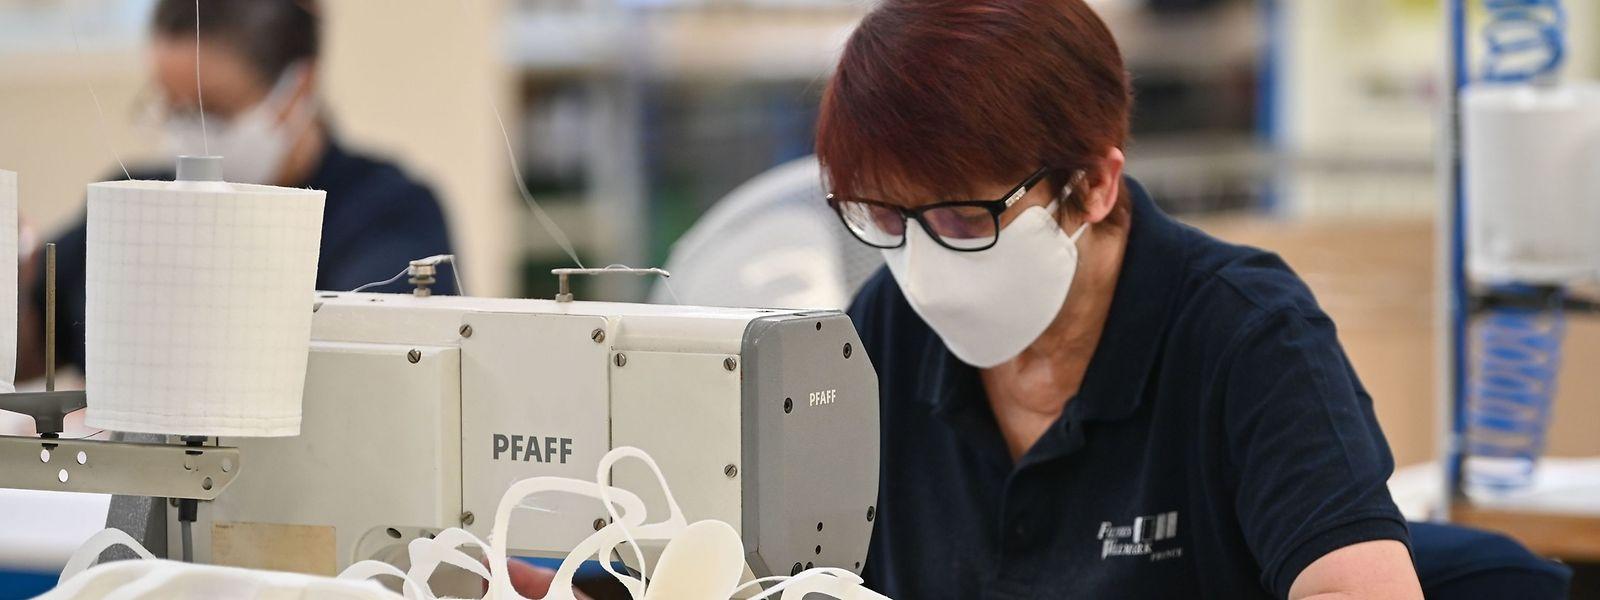 Certains atelier de couture ont abandonné les modèles usuels pour se concentrer sur la production de masques.